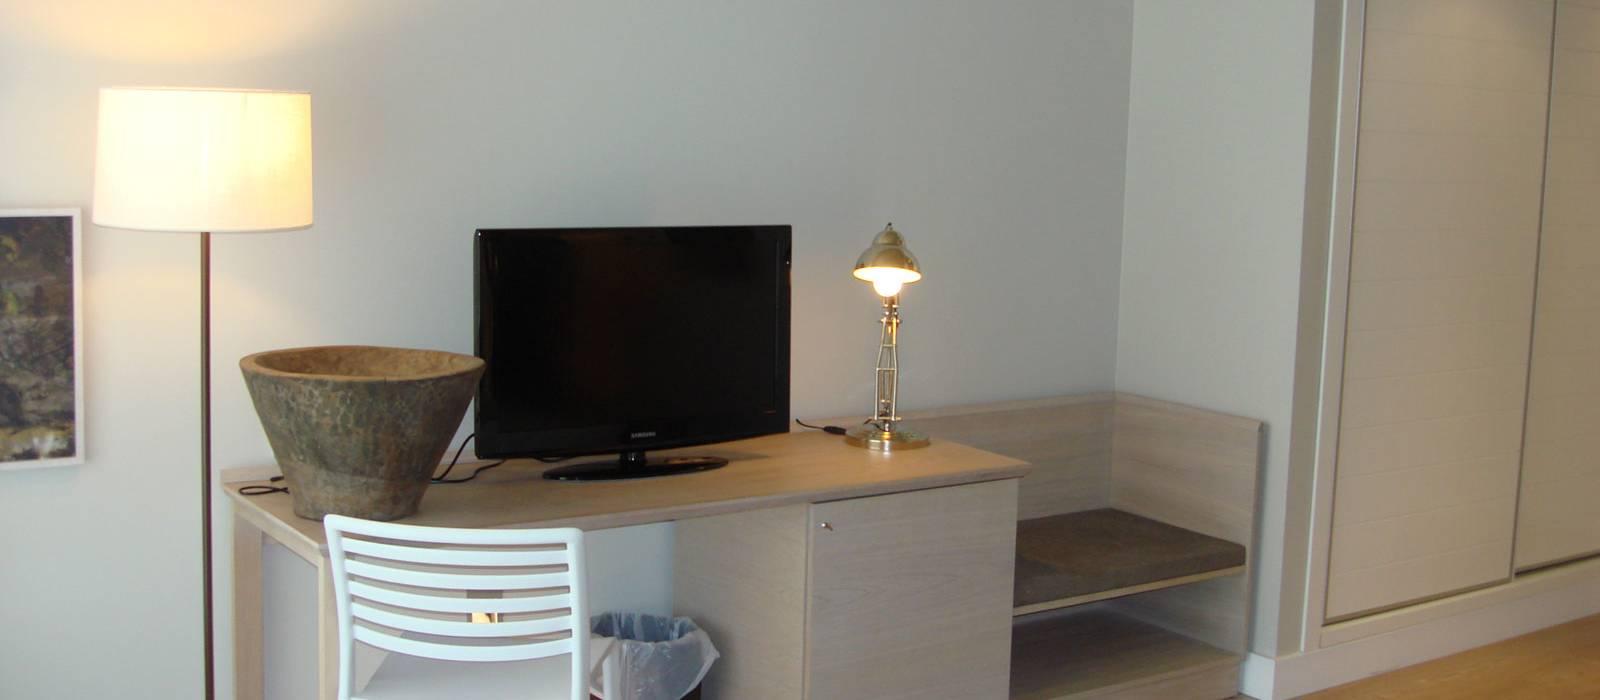 Habitación doble estándar. Hotel Valdecanas Golf - Vincci Hoteles